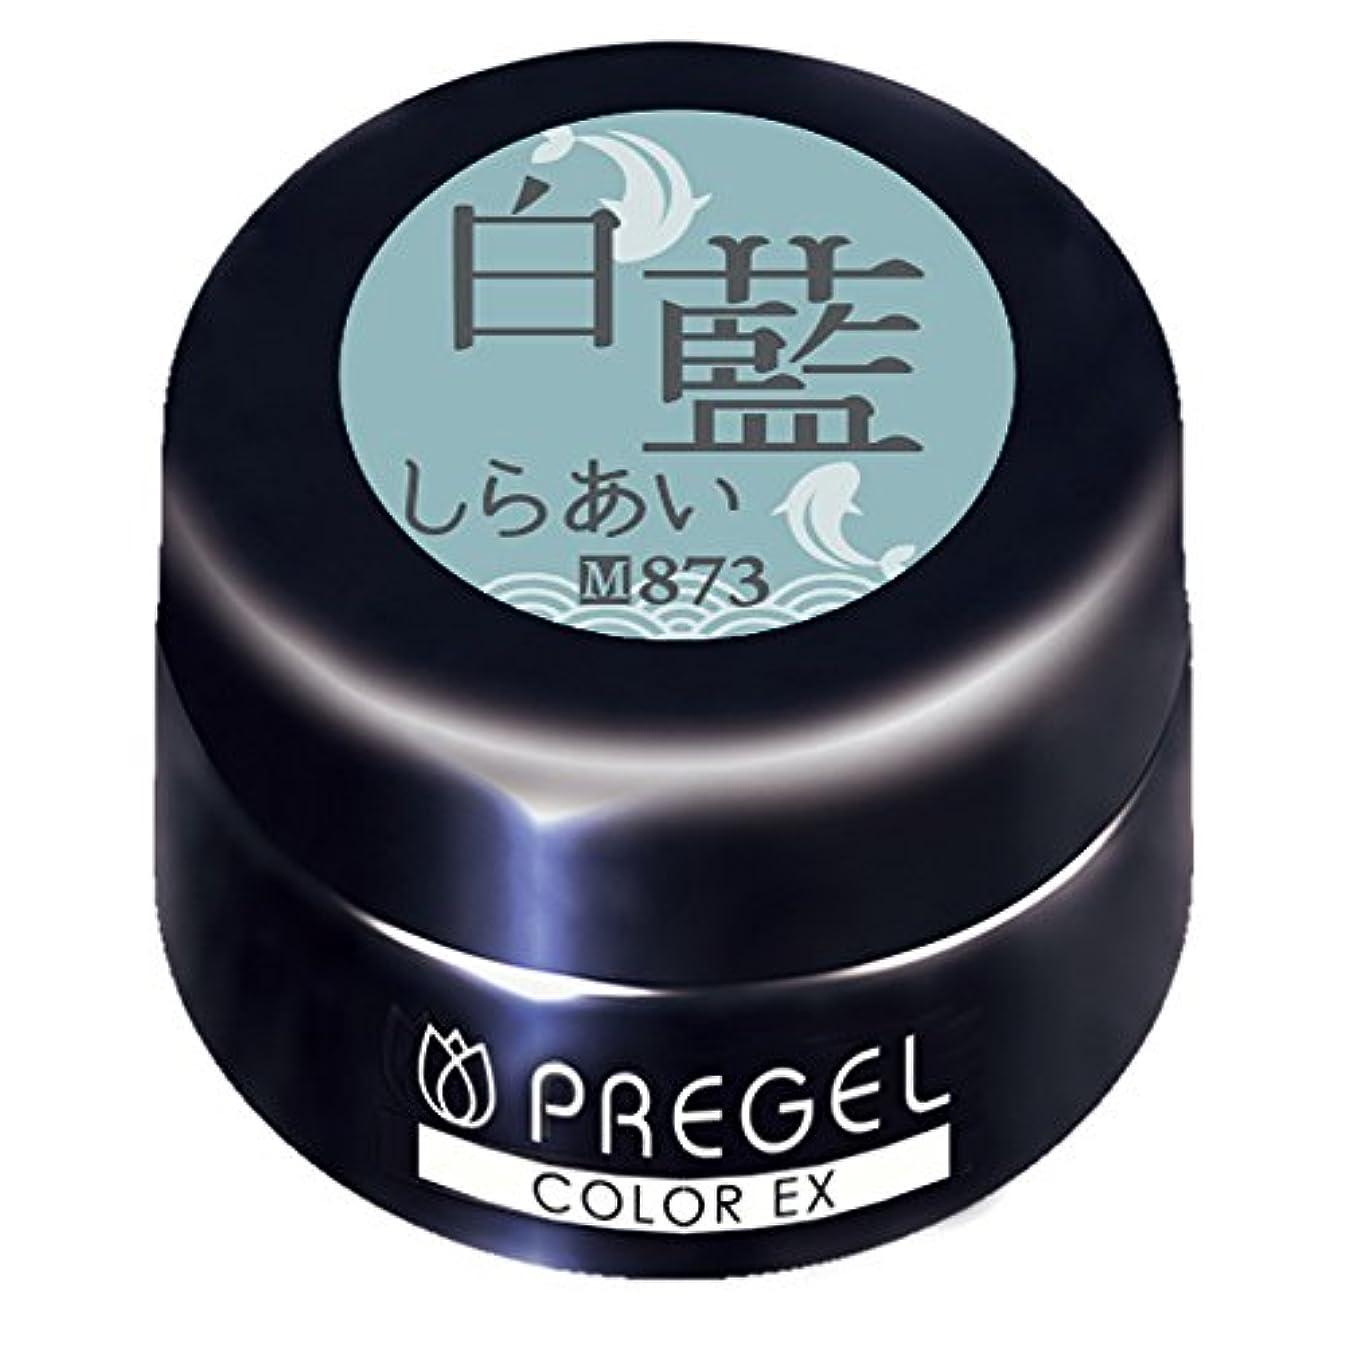 モード住居かけがえのないPRE GEL カラーEX 白藍873 3g UV/LED対応